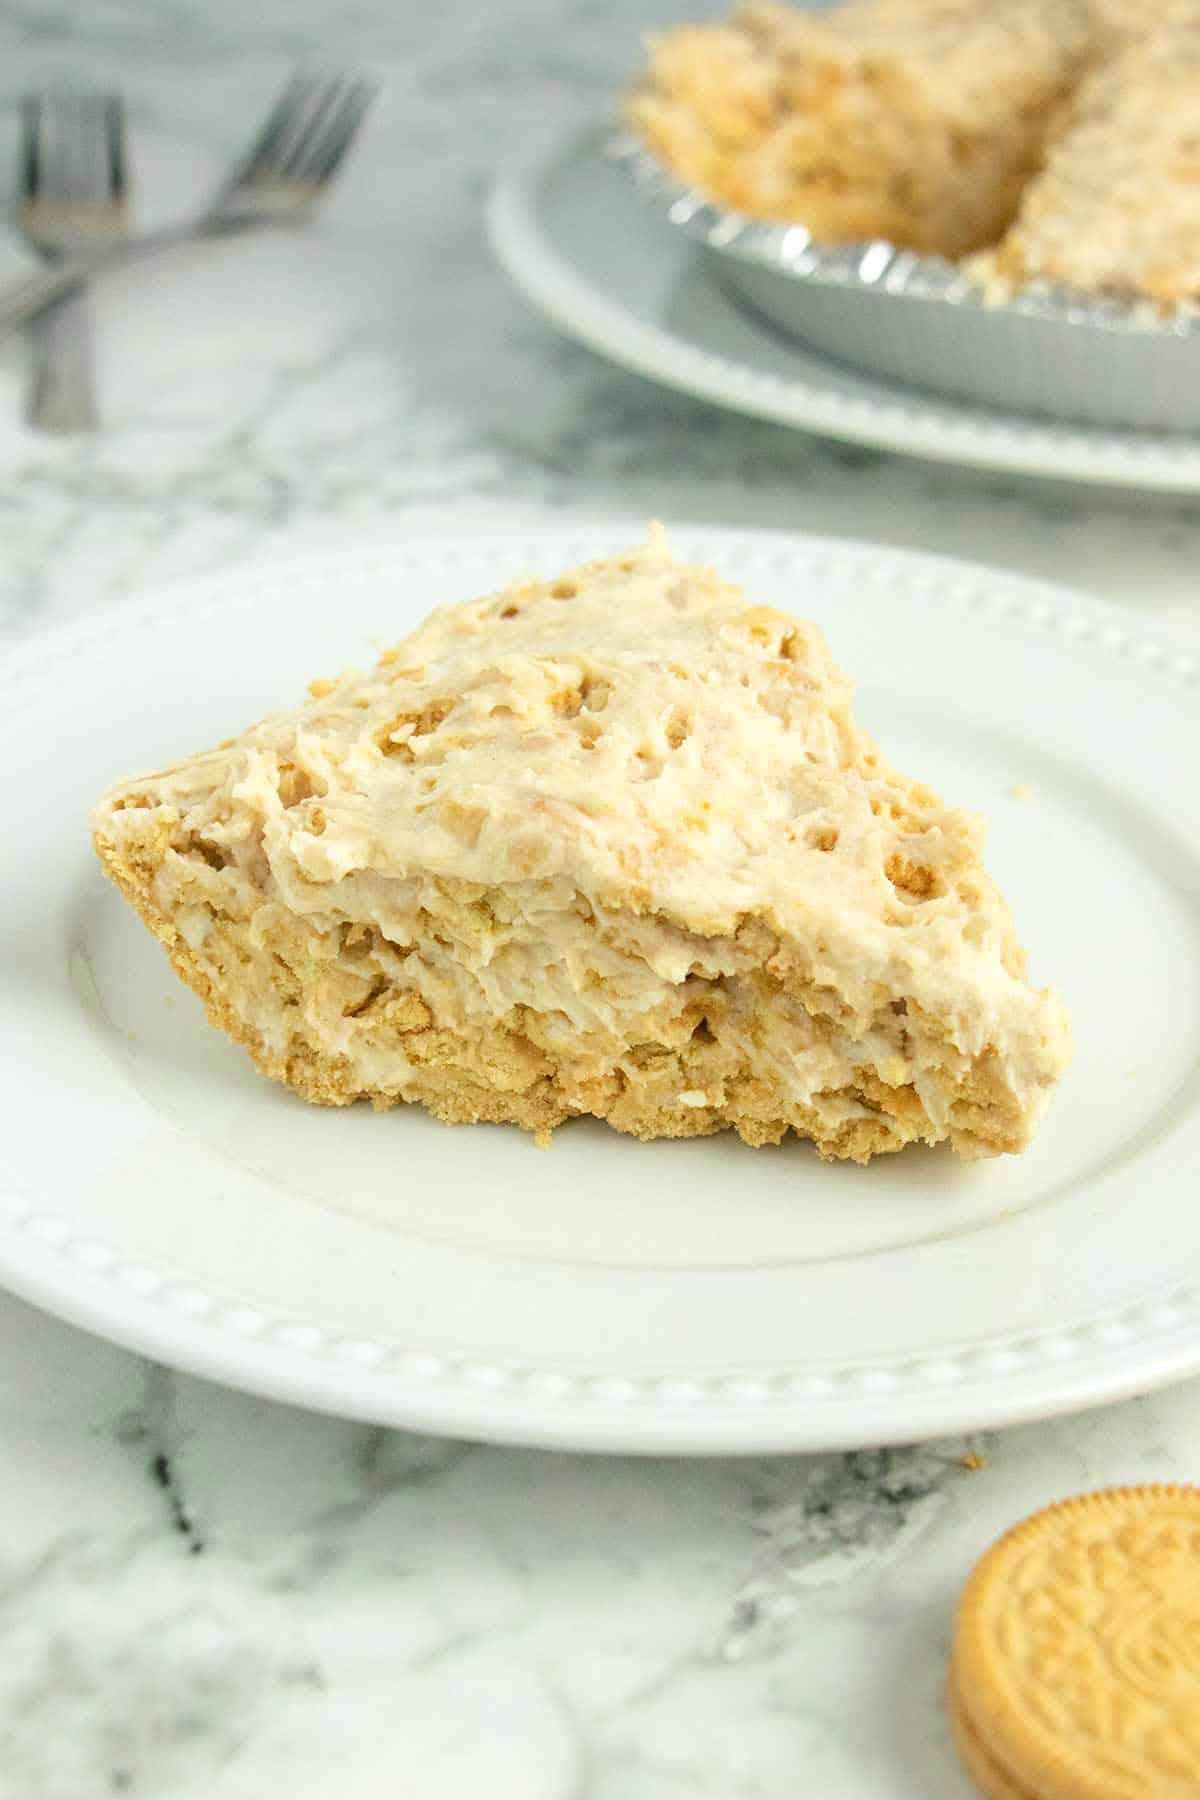 slice of vegan Golden Oreo pie on a white plate